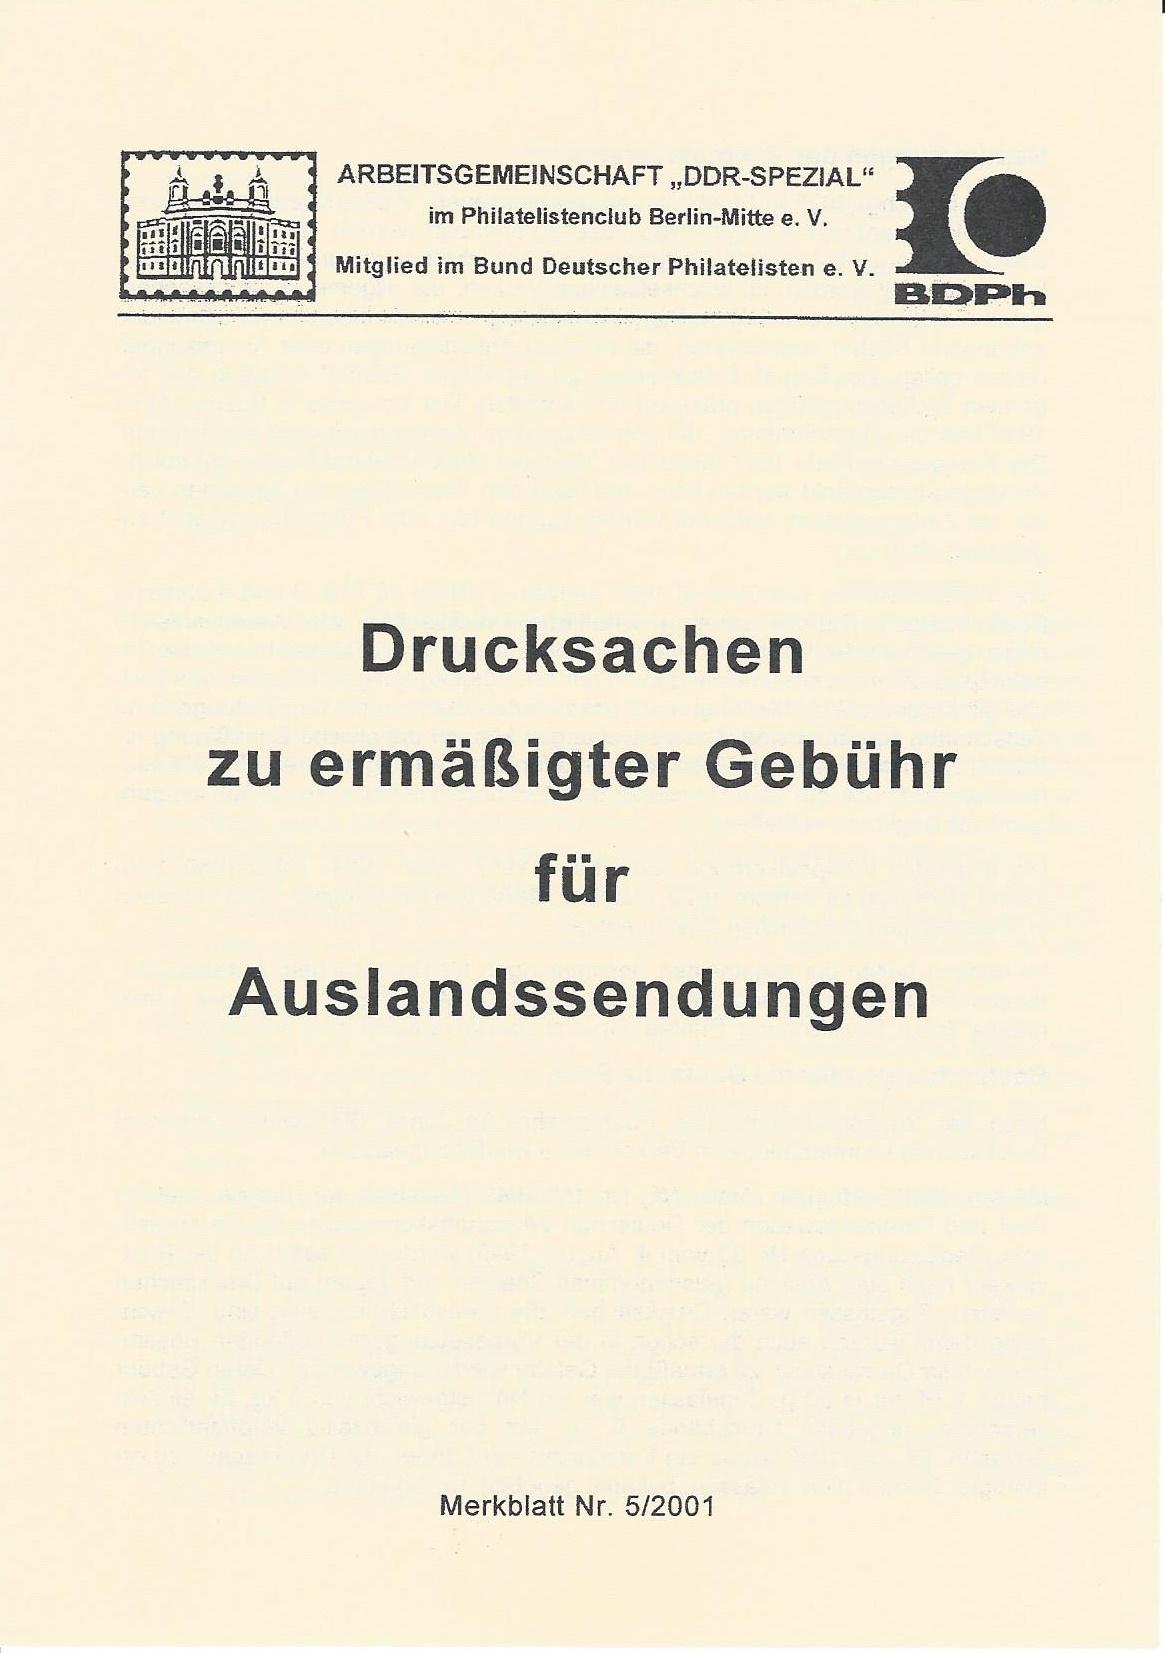 DDR Philatelie Literatur Drucksachen Auslandssendung